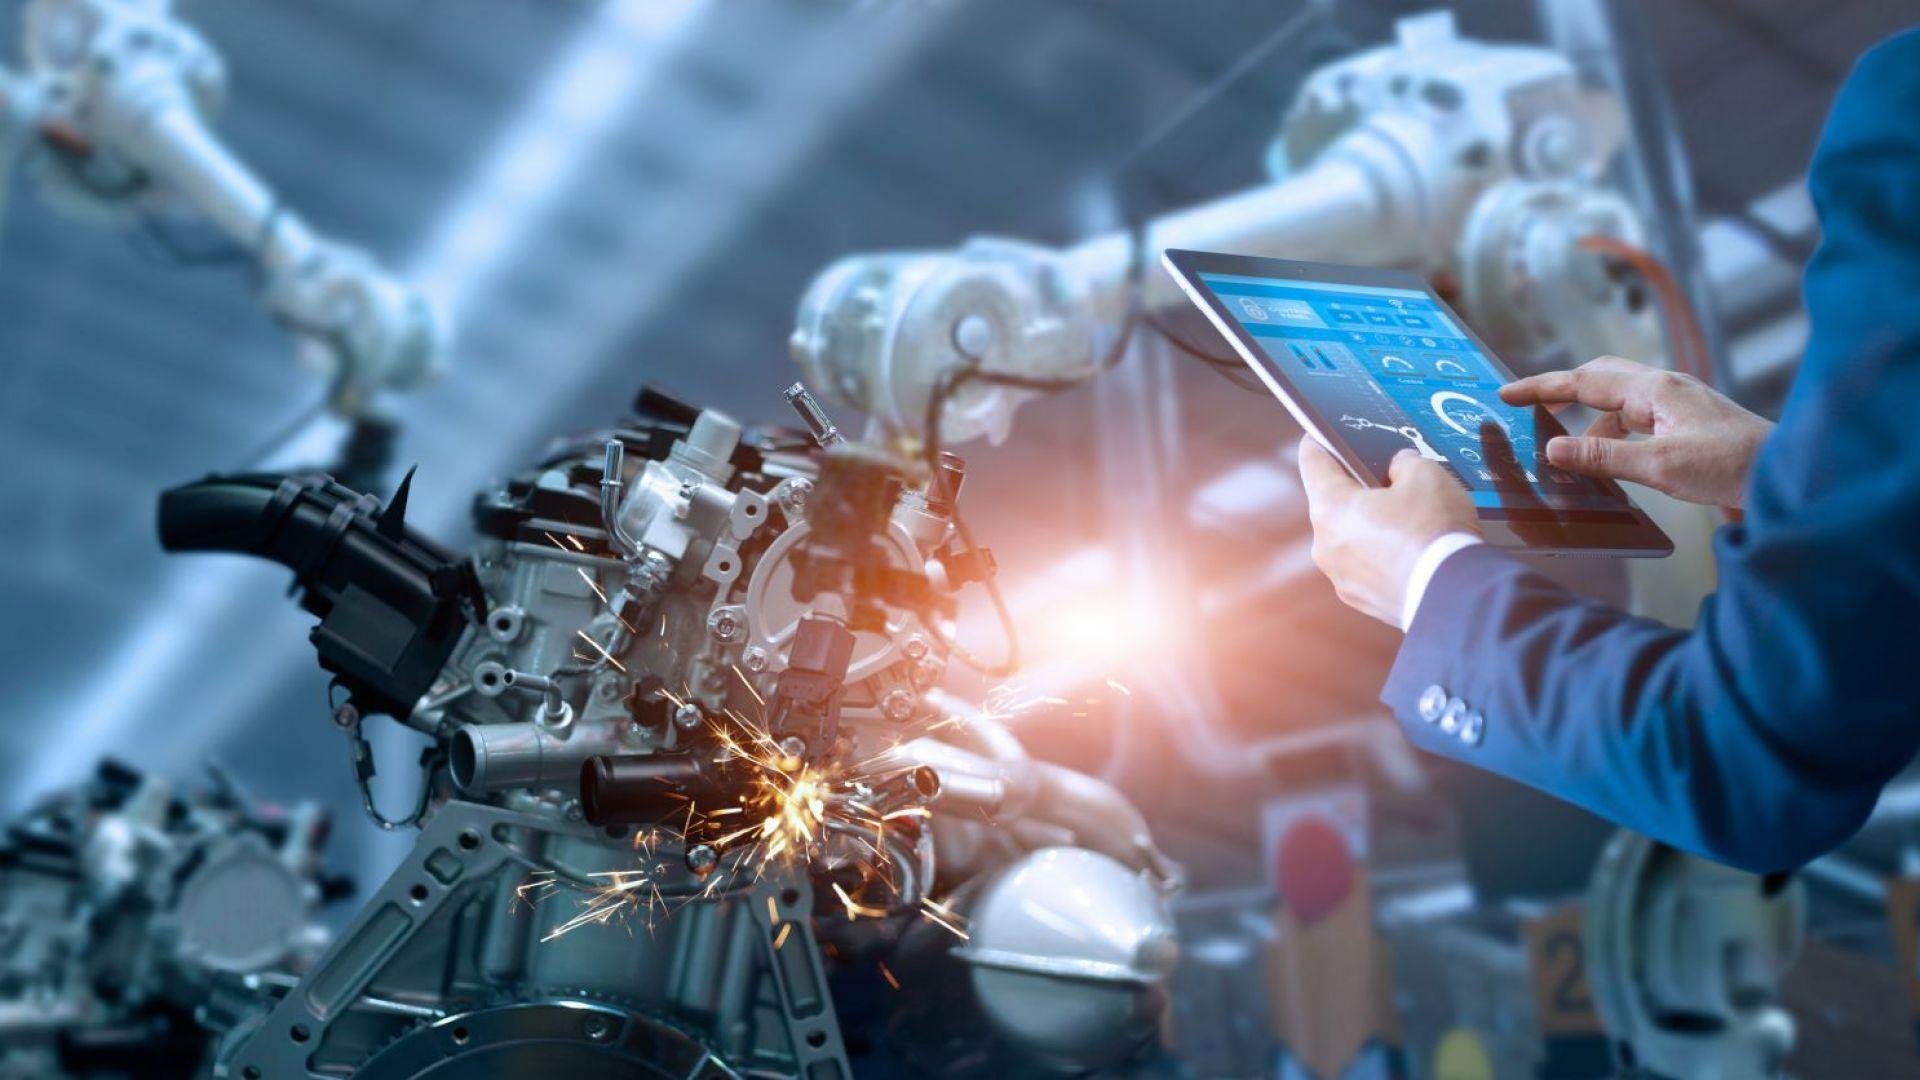 Мит е, че автоматизацията ще доведе до масова безработица